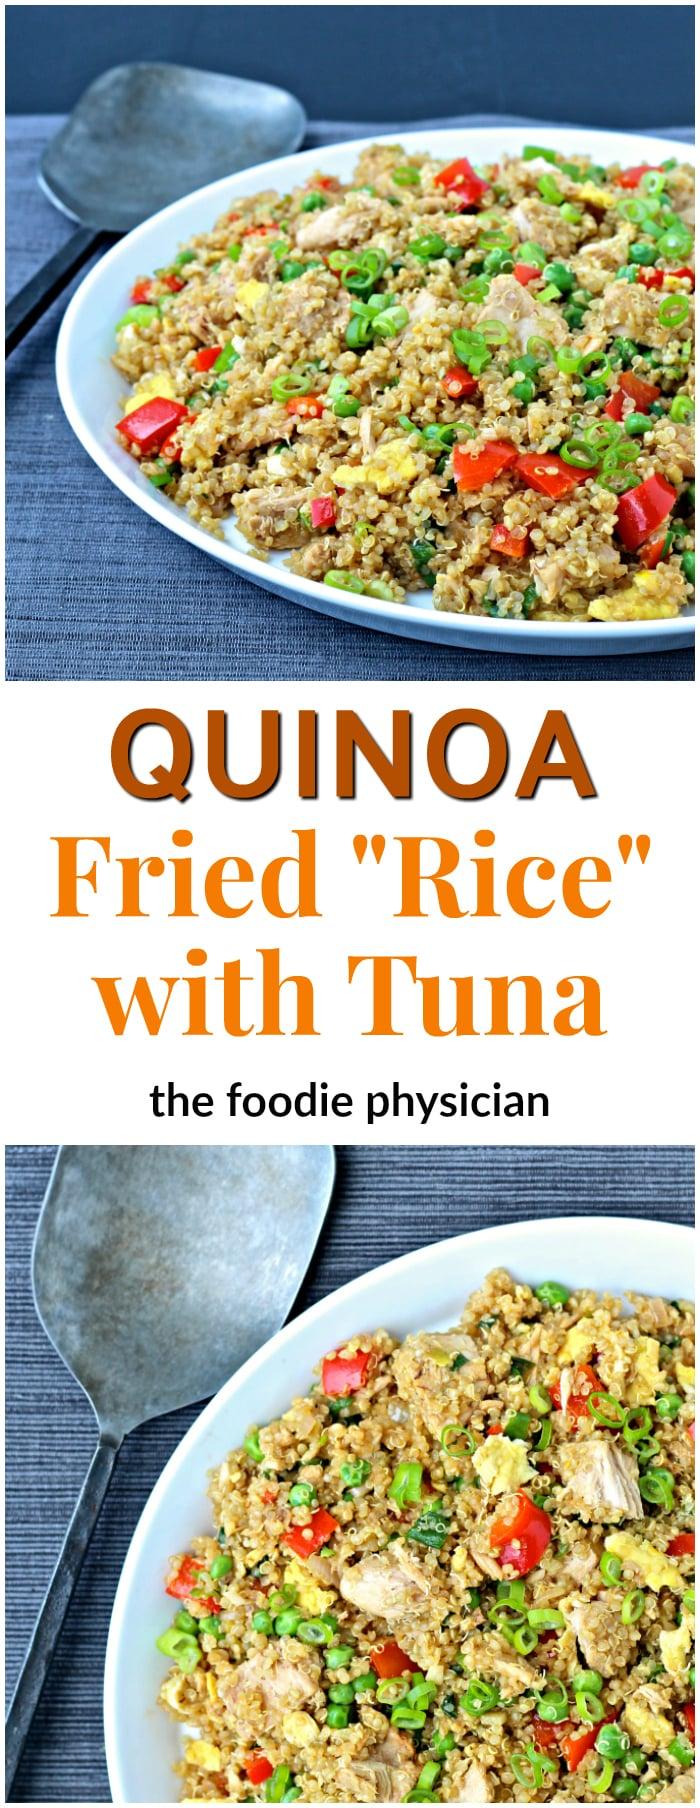 Quinoa Fried